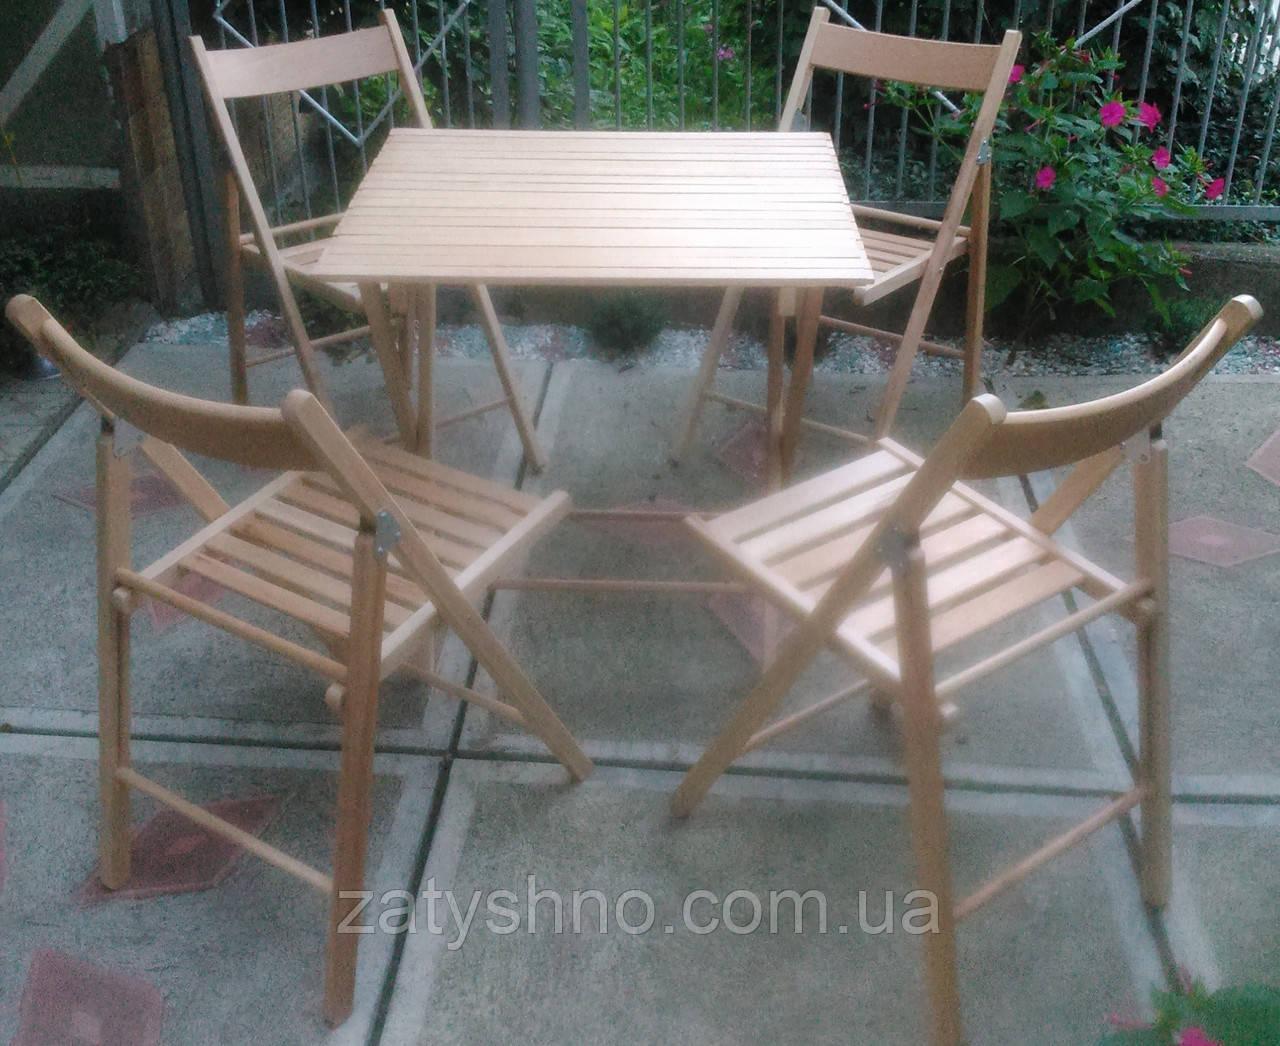 Комплект складной деревянной мебели из бука